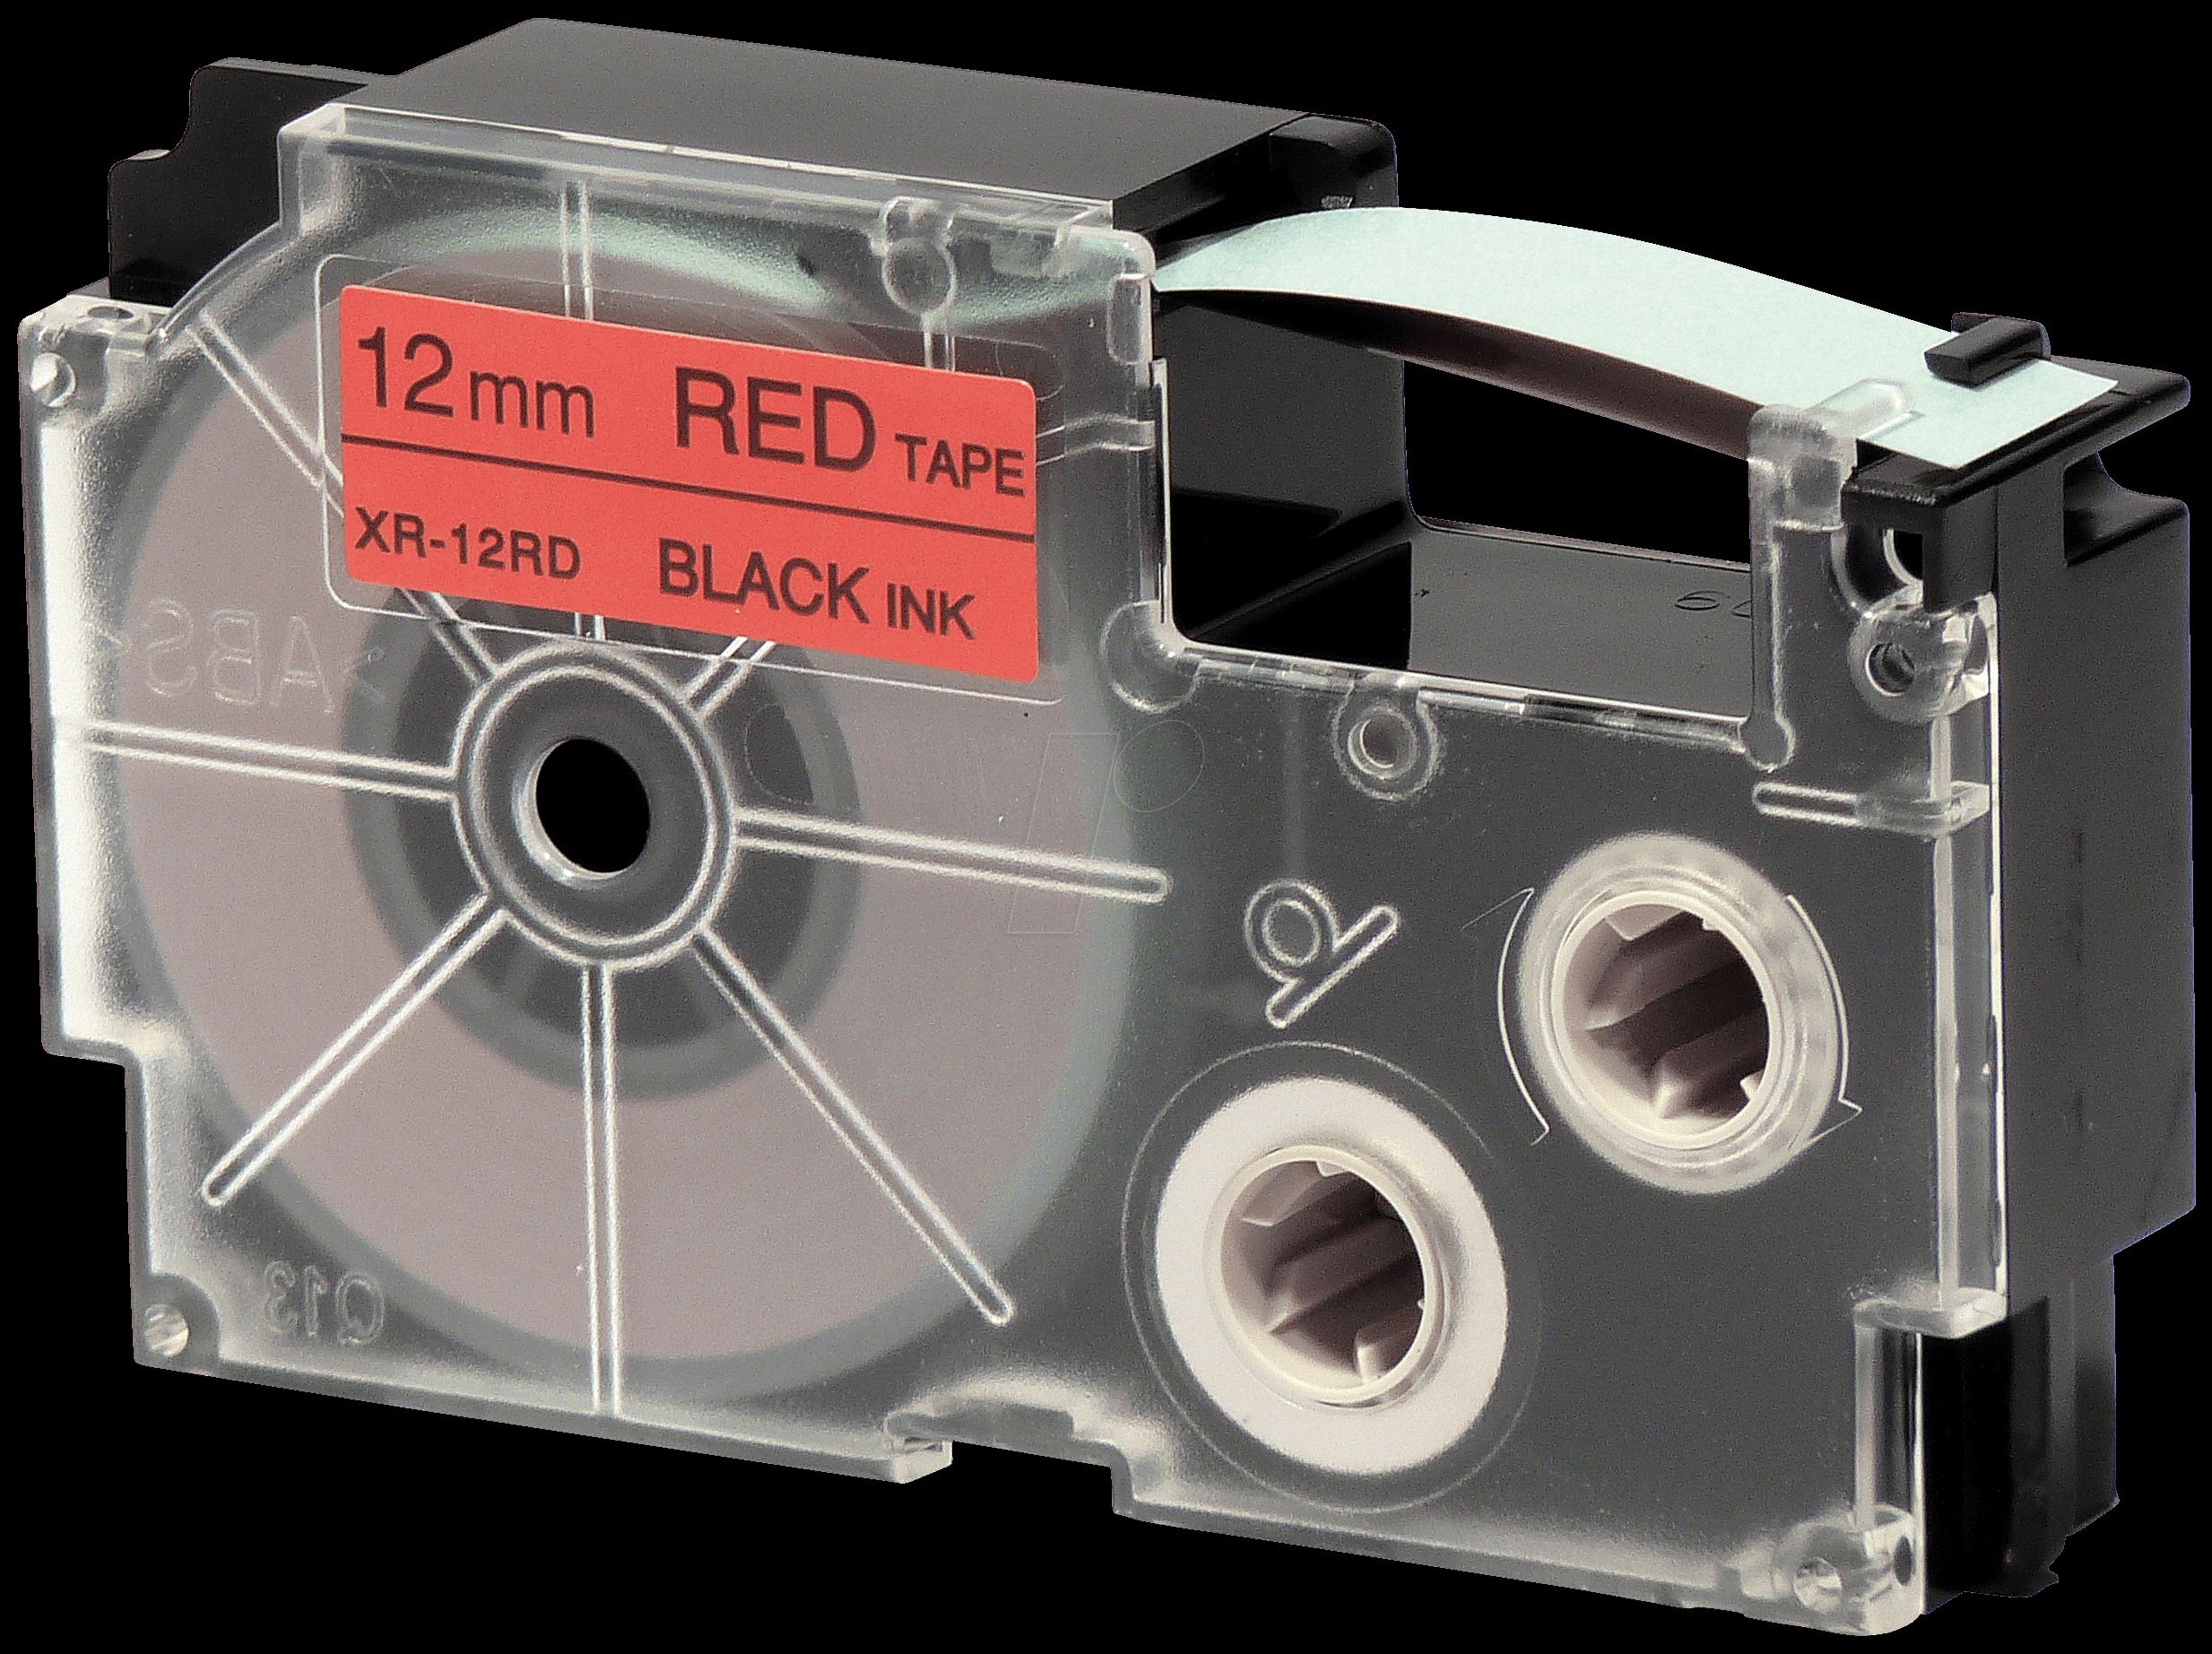 https://cdn-reichelt.de/bilder/web/xxl_ws/F100/CAS_XR-12RD1RED_BLACK.png